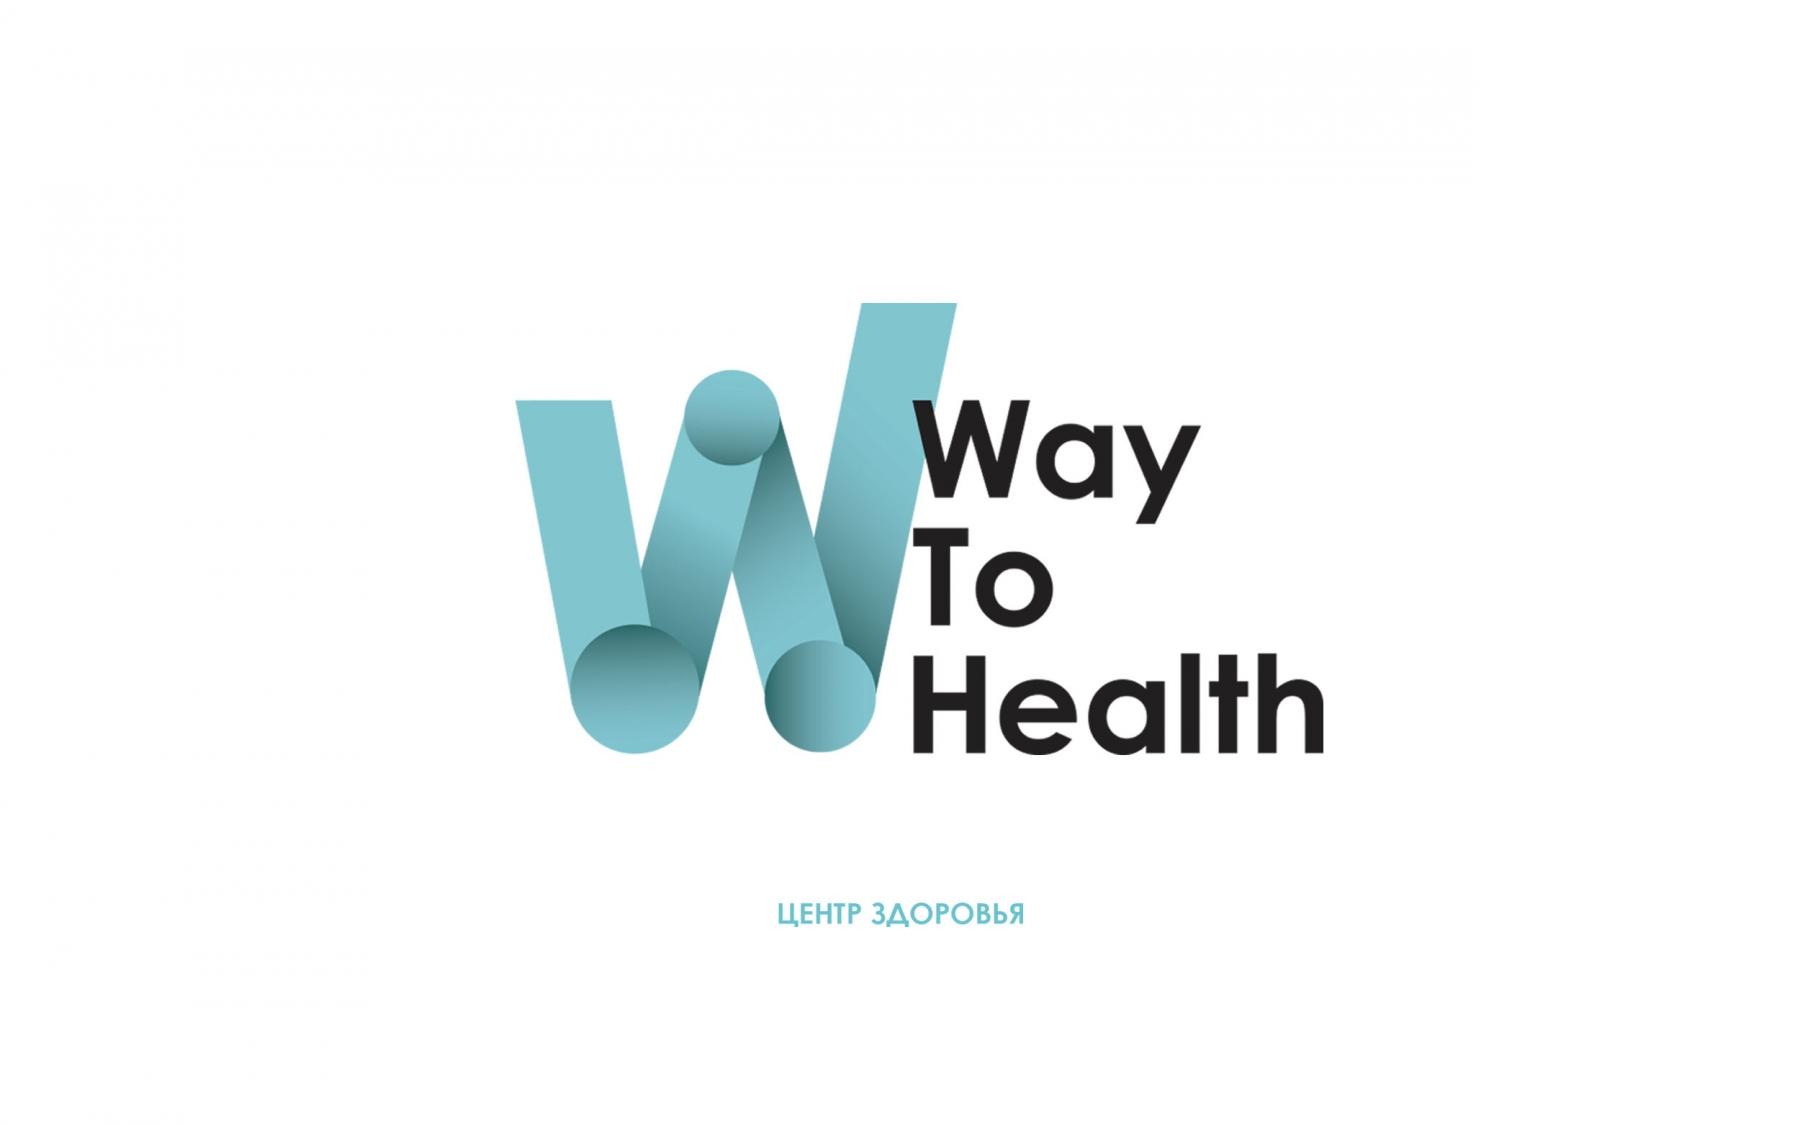 Разработка фирменного стиля Way To Health